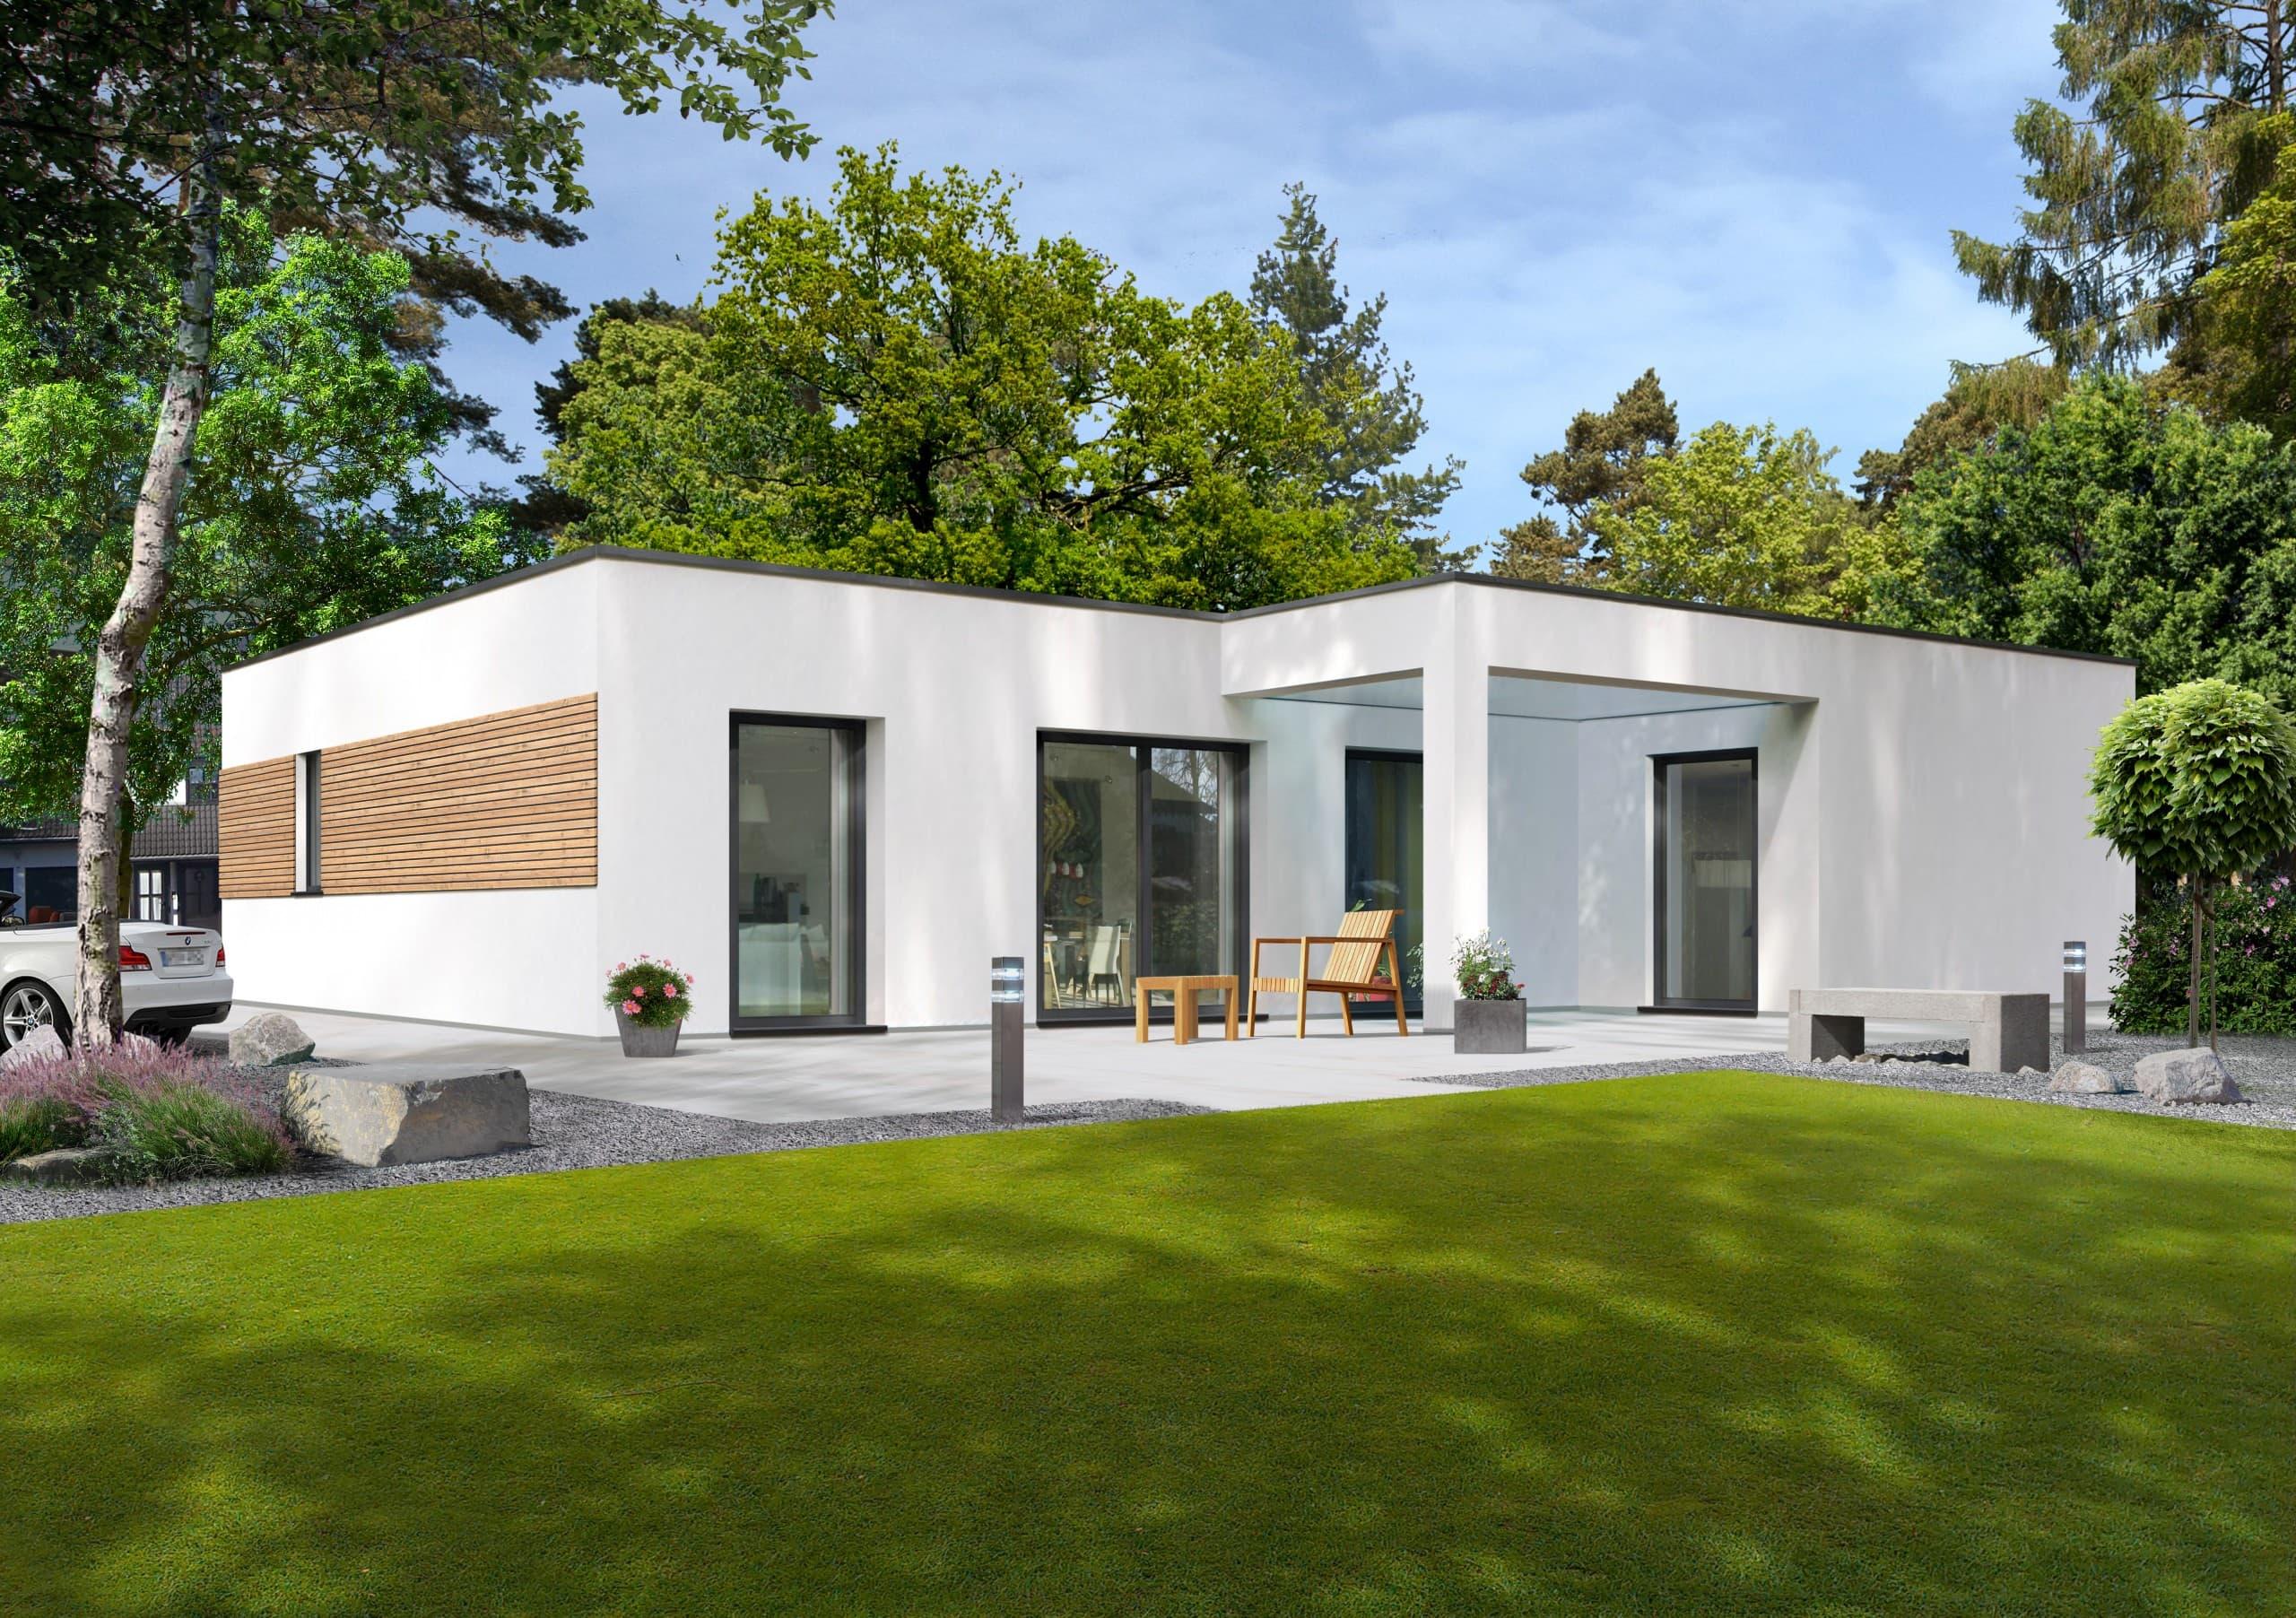 klare linien verleihen unserem bungalow einen modernen. Black Bedroom Furniture Sets. Home Design Ideas